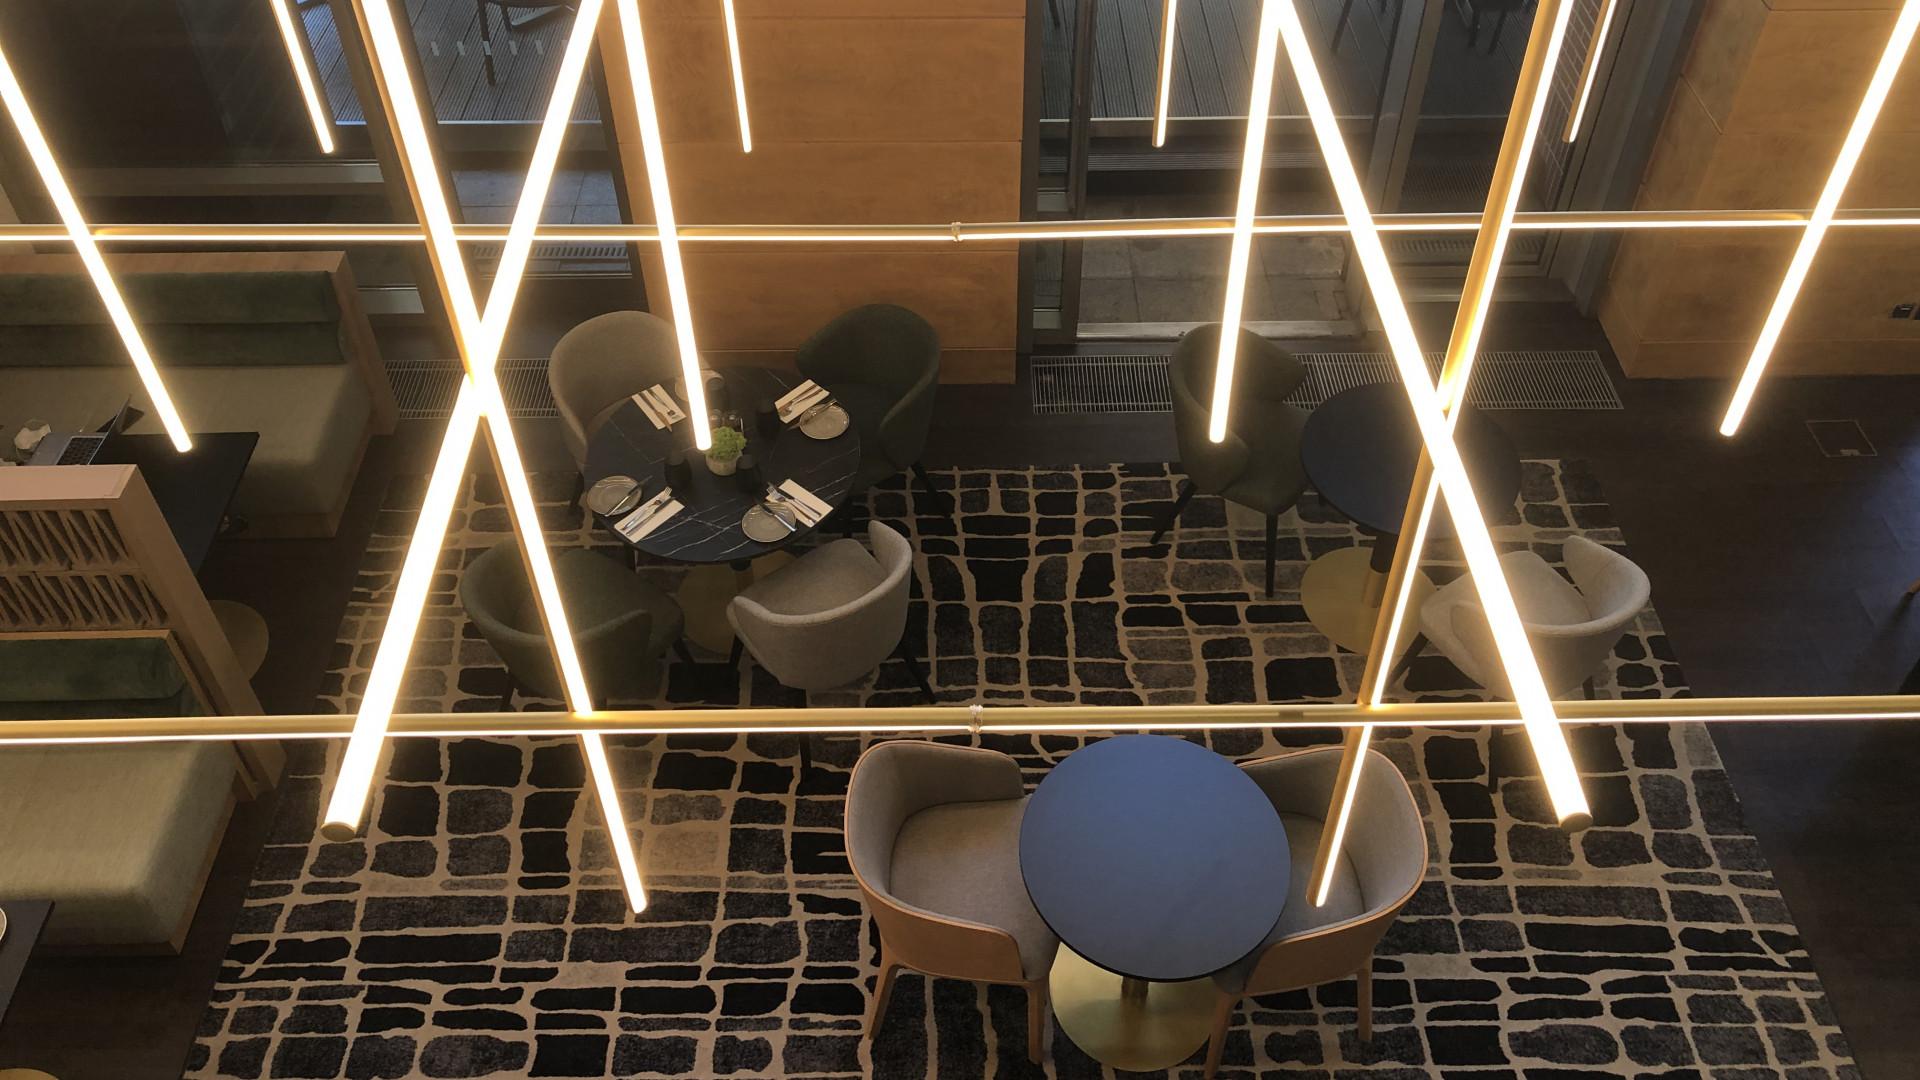 Teljes felújításon esett át a belvárosi szálloda (képek)